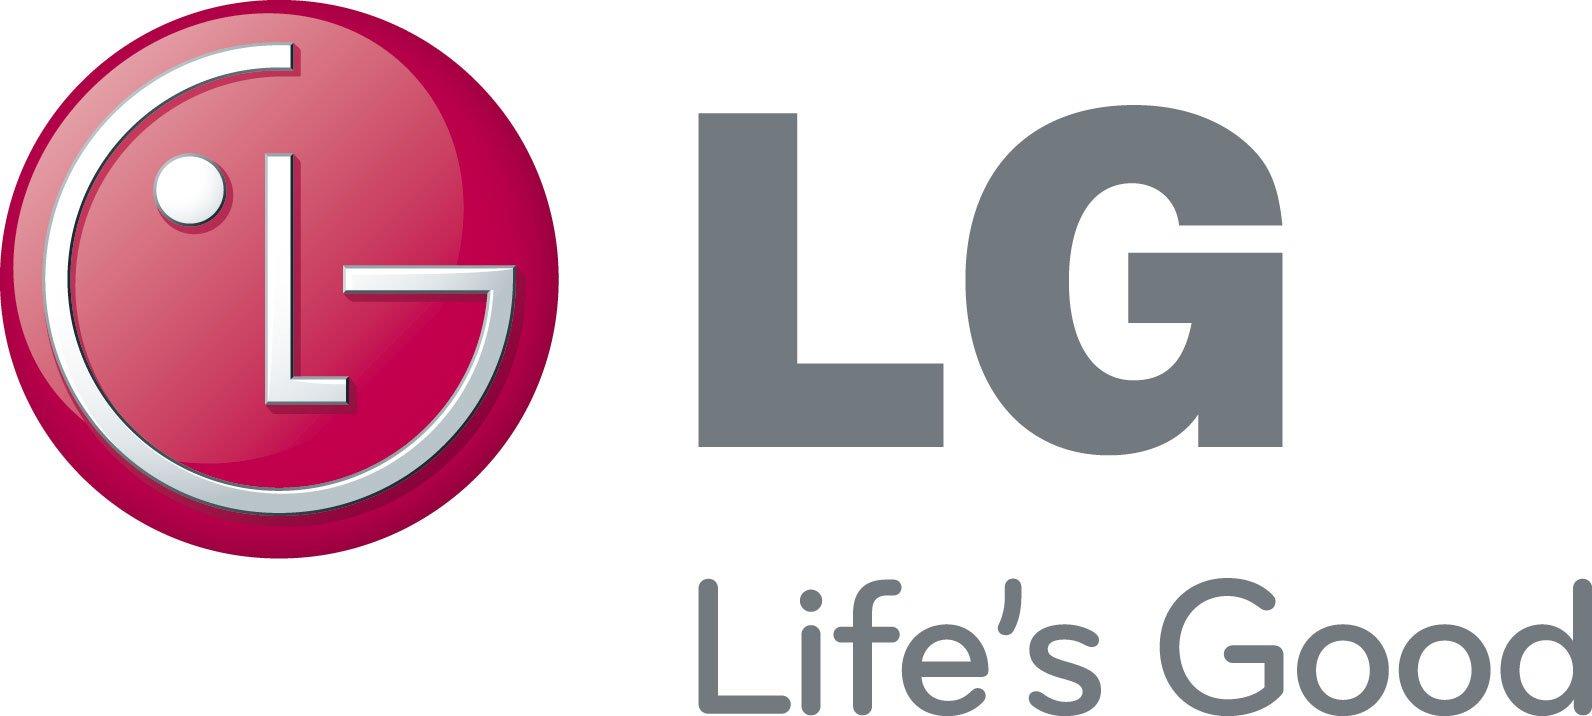 lg-logo-aorhan-sdfqwerty